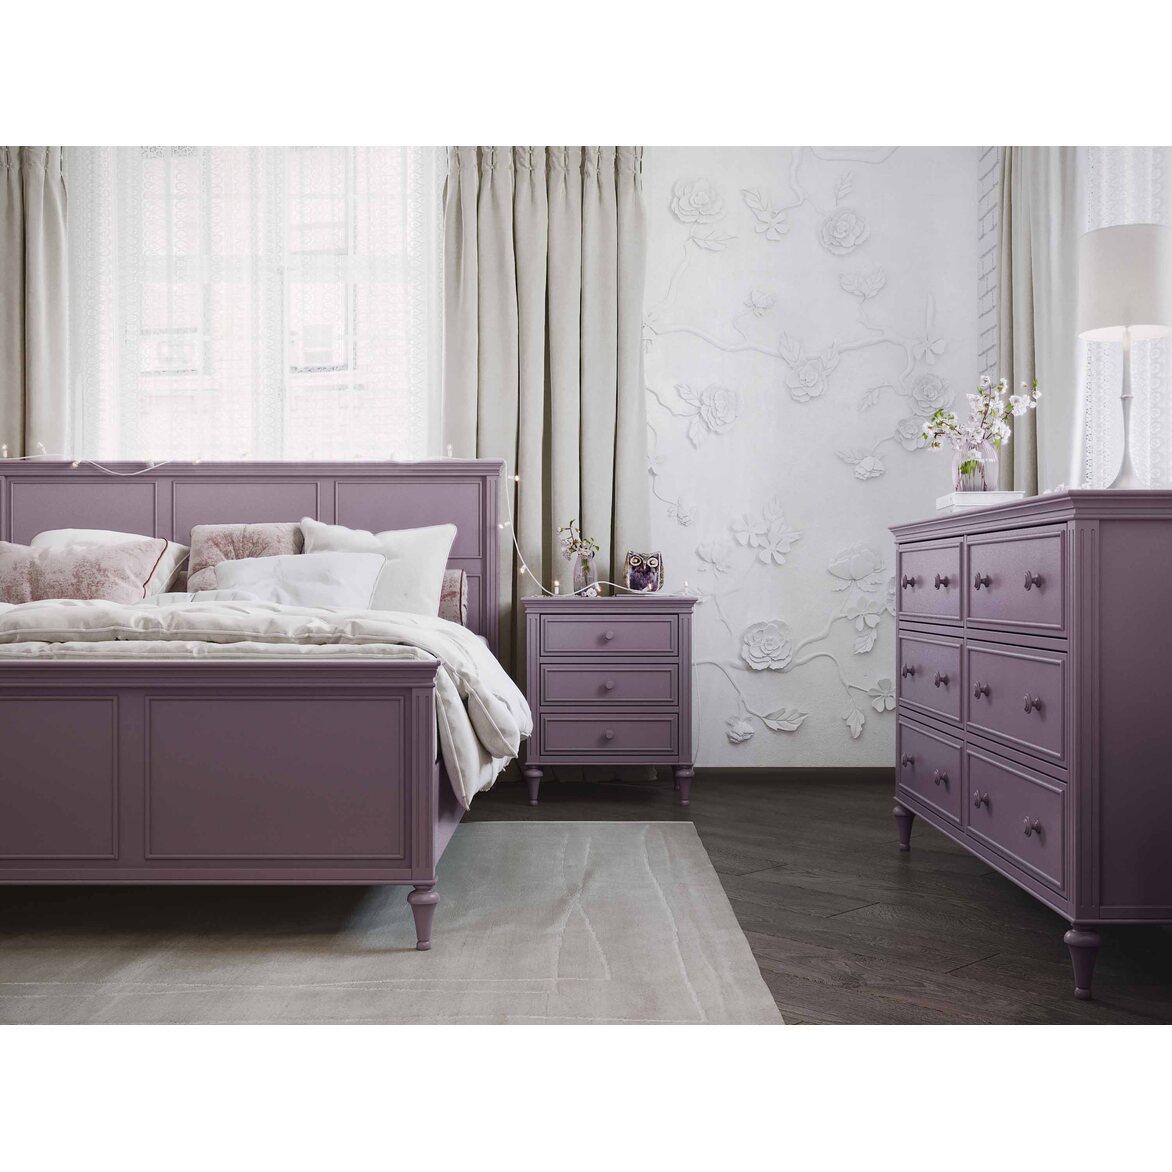 Кровать 180*200 Riverdi, орхидея, с изножьем 7 | Двуспальные кровати Kingsby